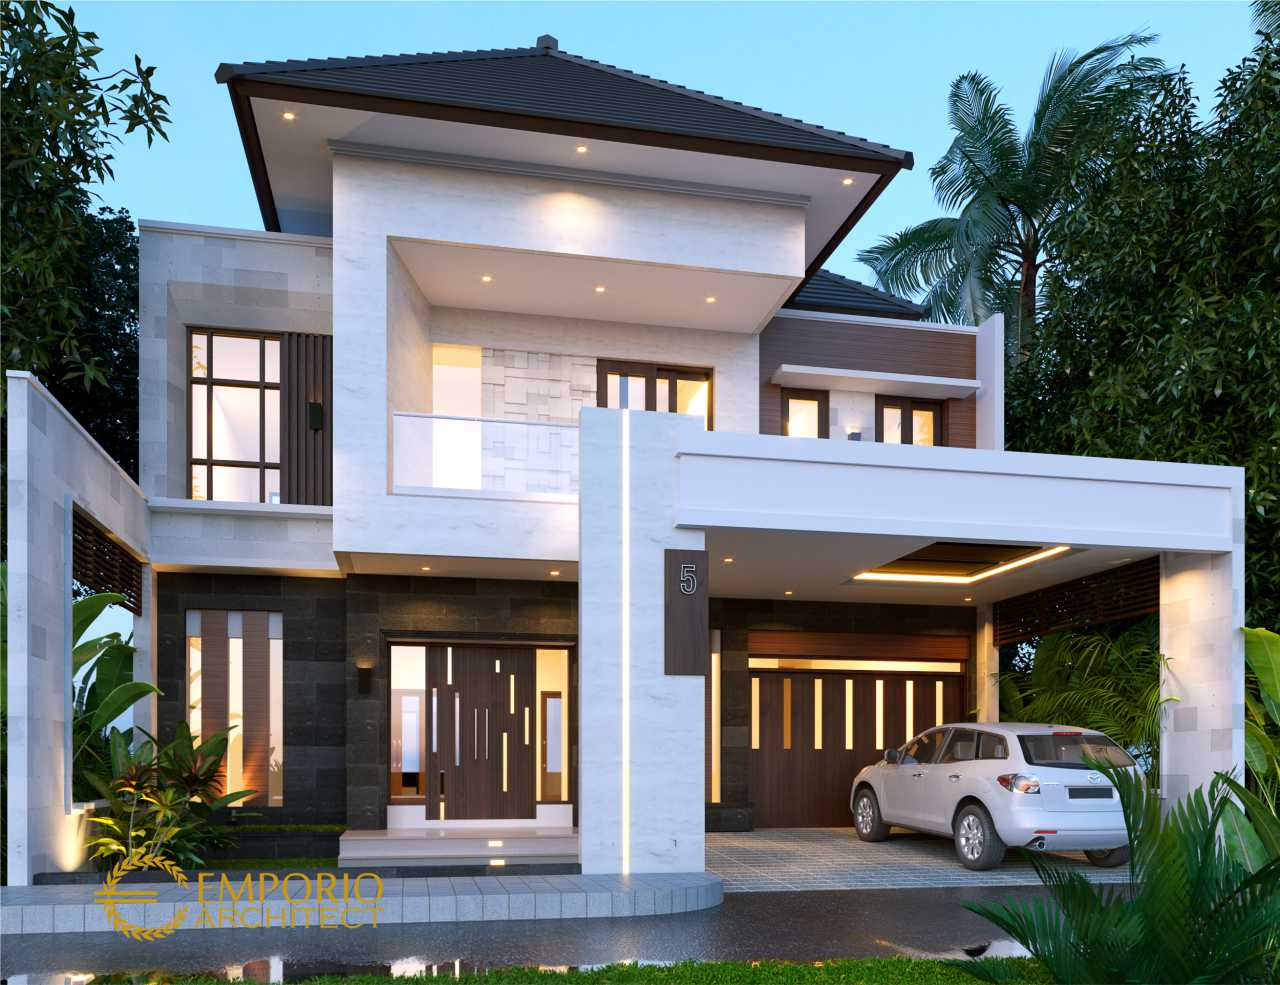 Desain Rumah Modern 2 Lantai Bapak Deni Di Karawang Jawa Barat